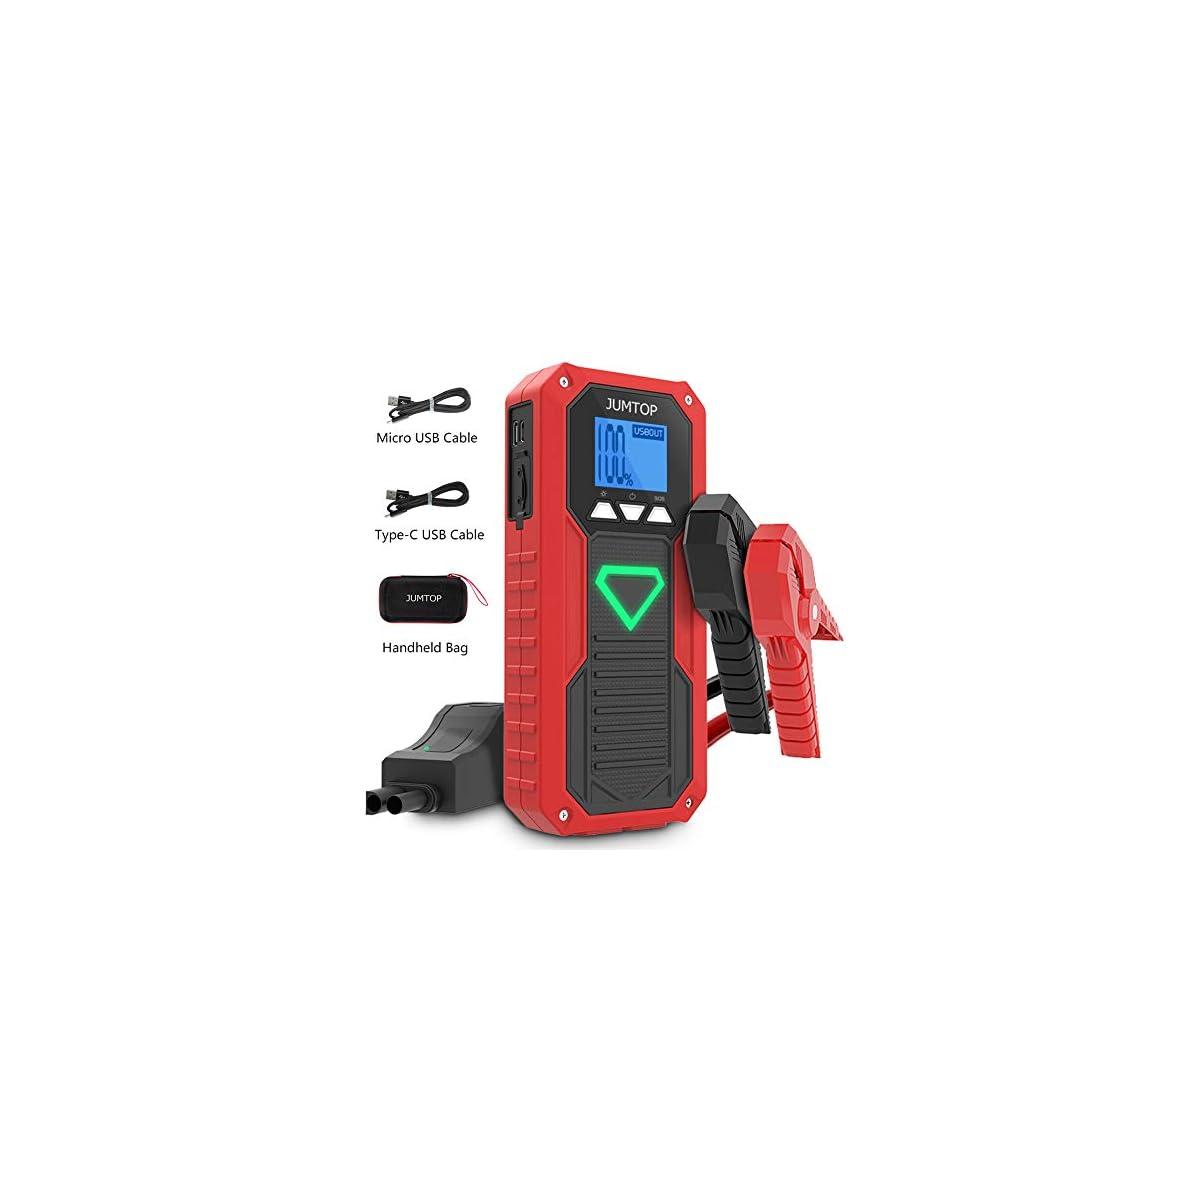 51p2flAvotL. SS1200  - JUMTOP Arrancador de Coches-2000A Pico 14400mAh Jump Starter, Batería Arrancador de Coche-Arrancador de automóviles(Motor 8.0L Gas / 6.0L diésel)-Batería automática, Cargador teléfono bancario